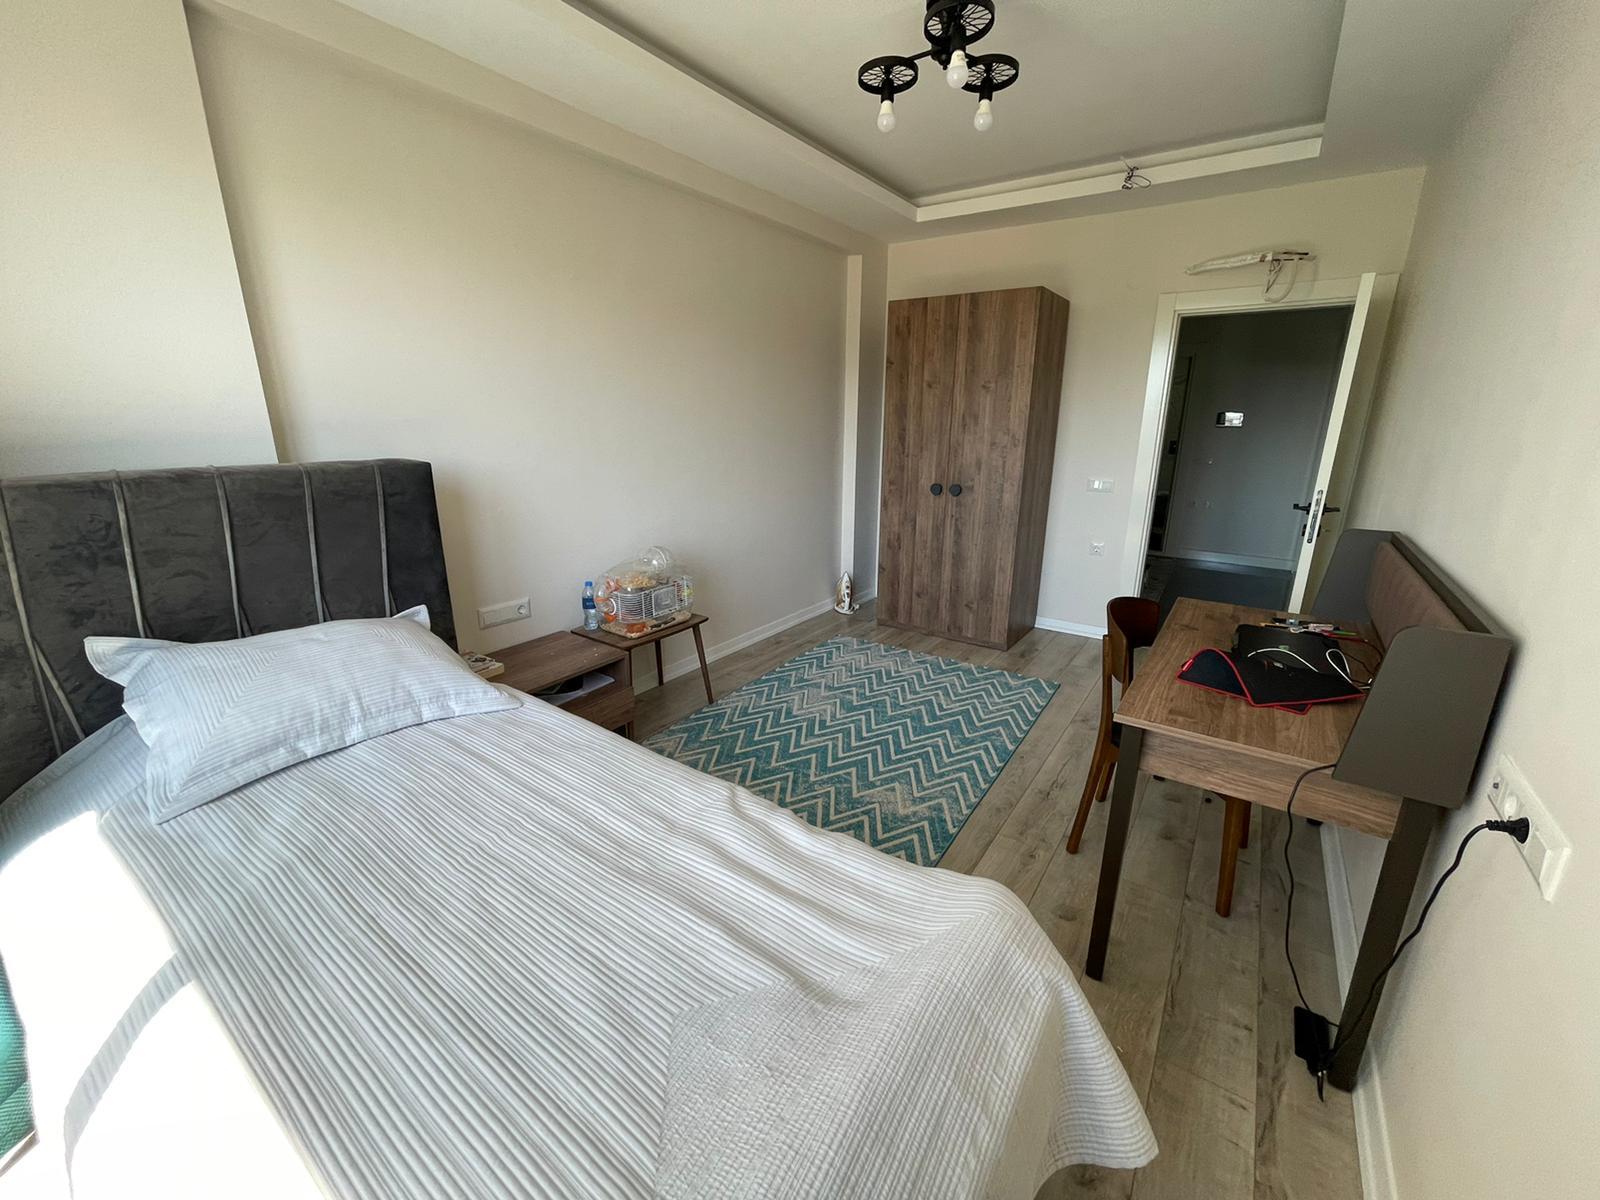 Трёхкомнатная квартира в районе Тосмур - Фото 21